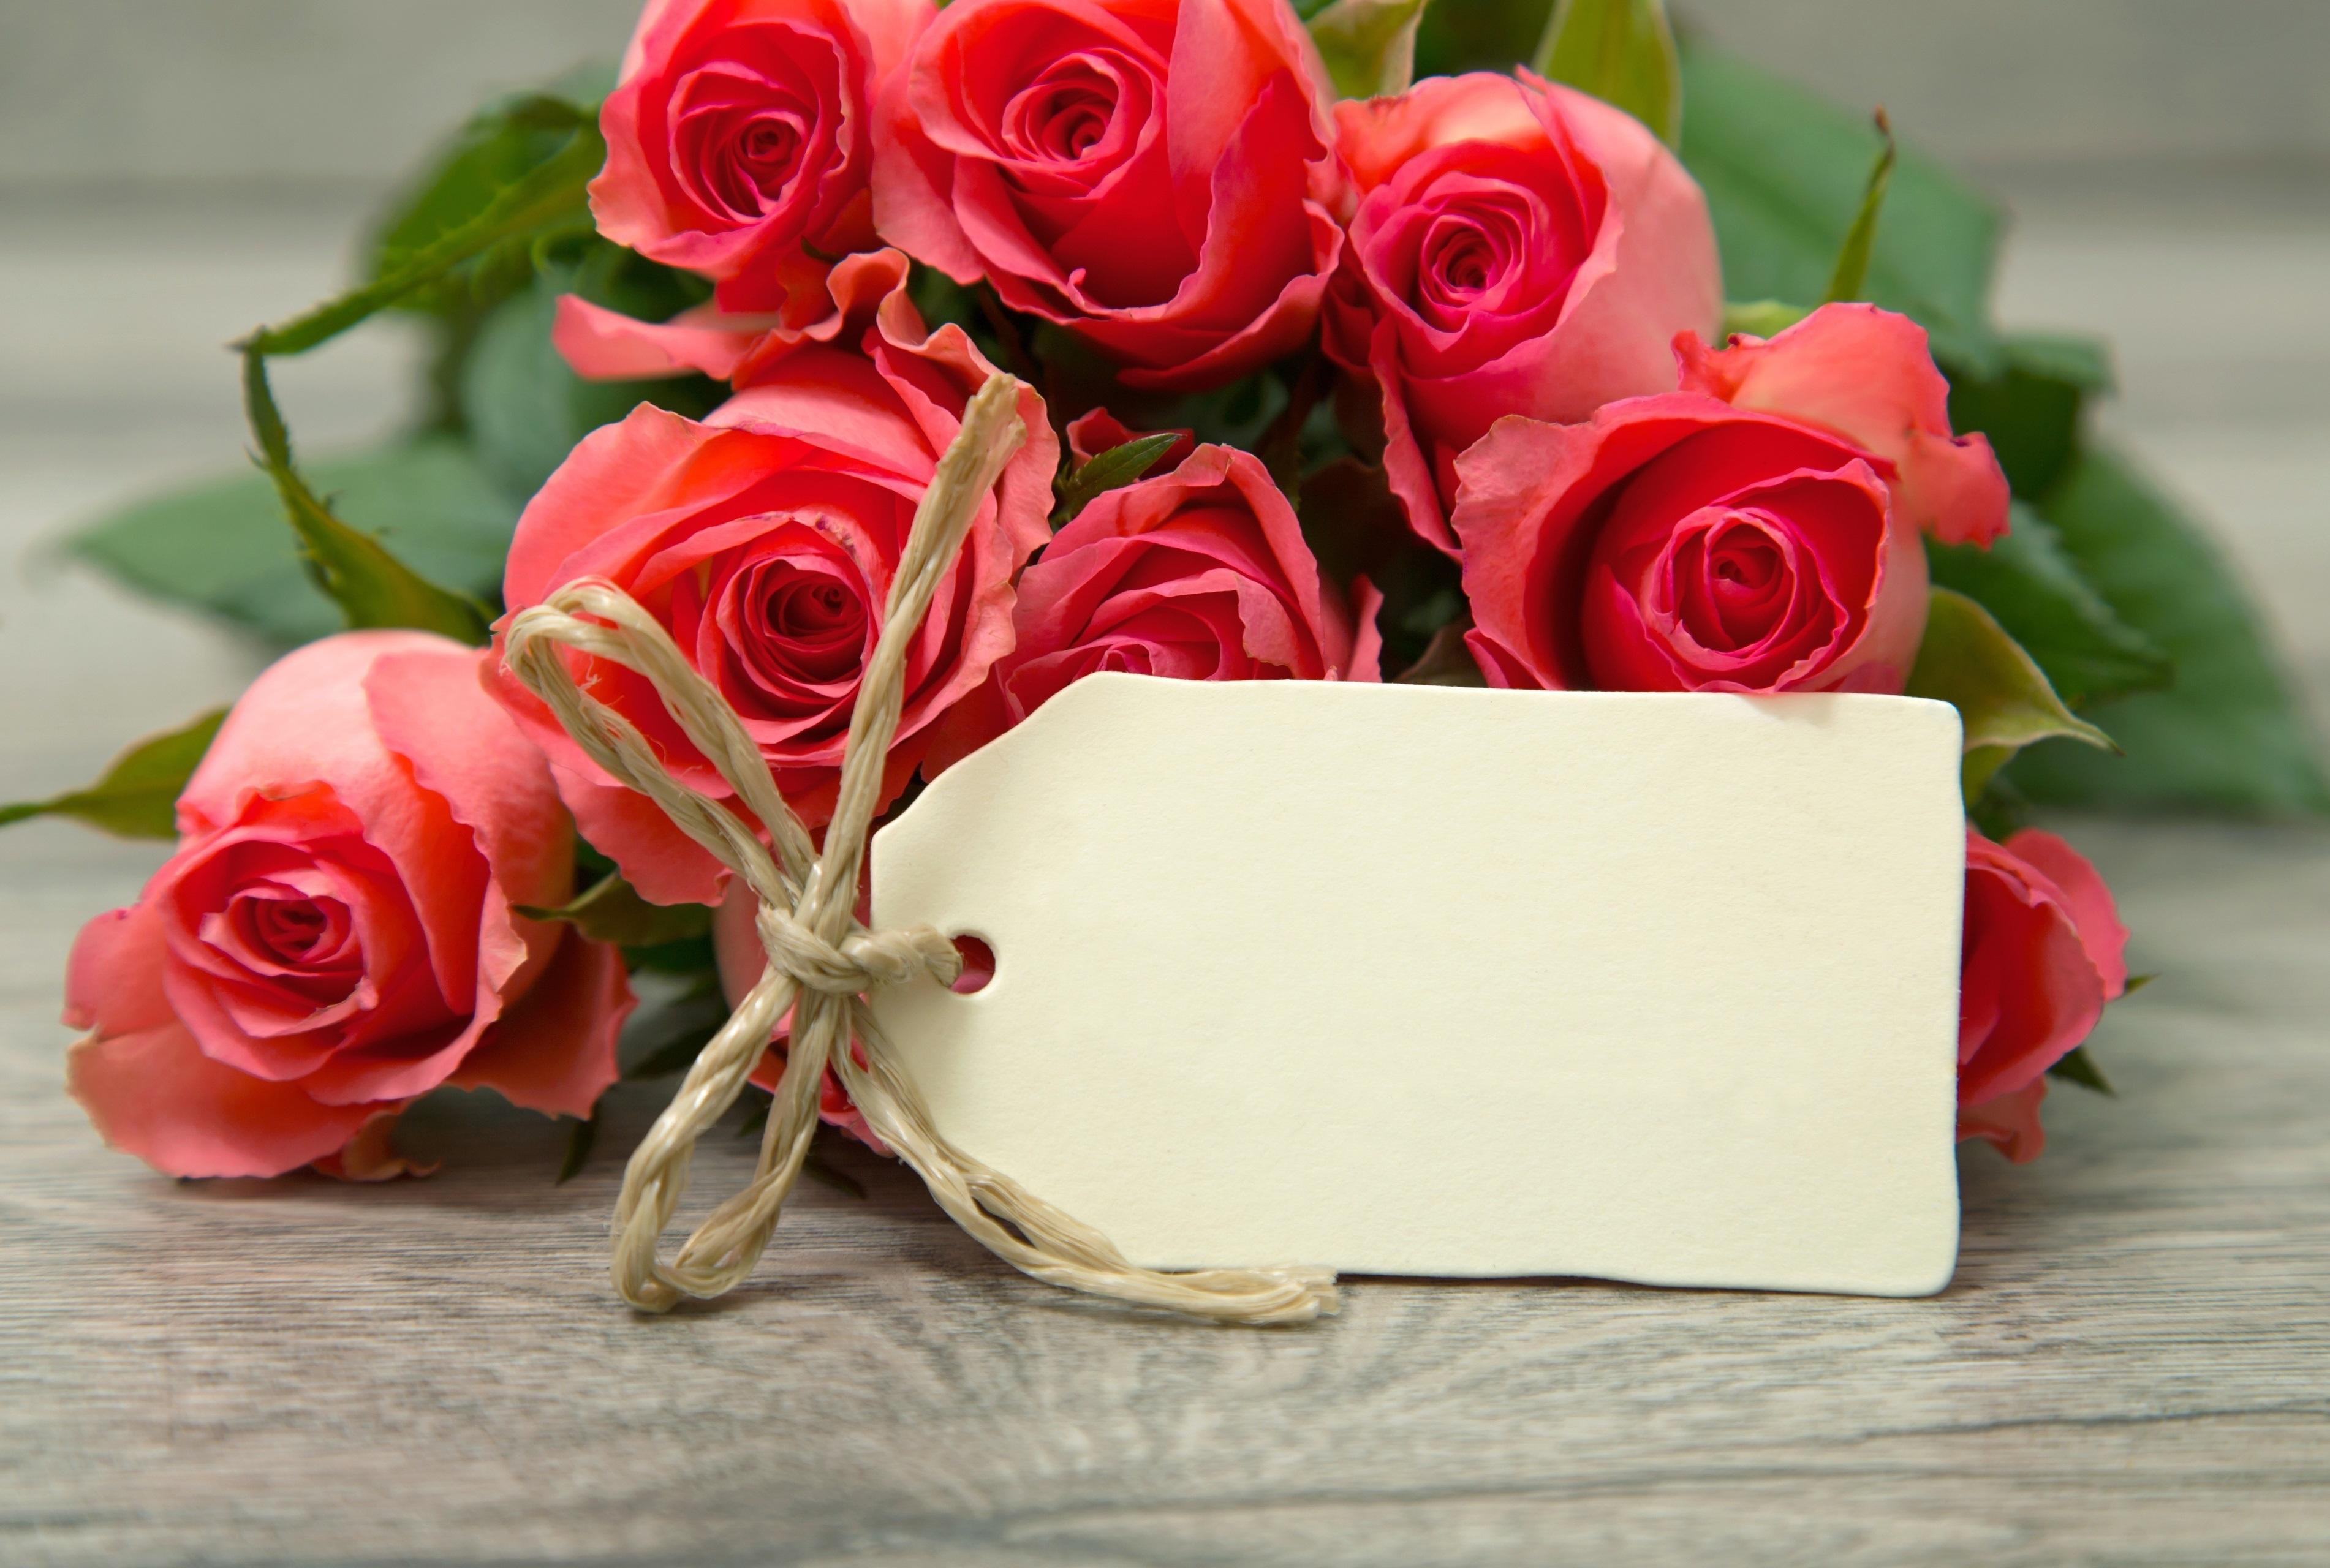 Днем сотрудников, поздравляем открытки цветы